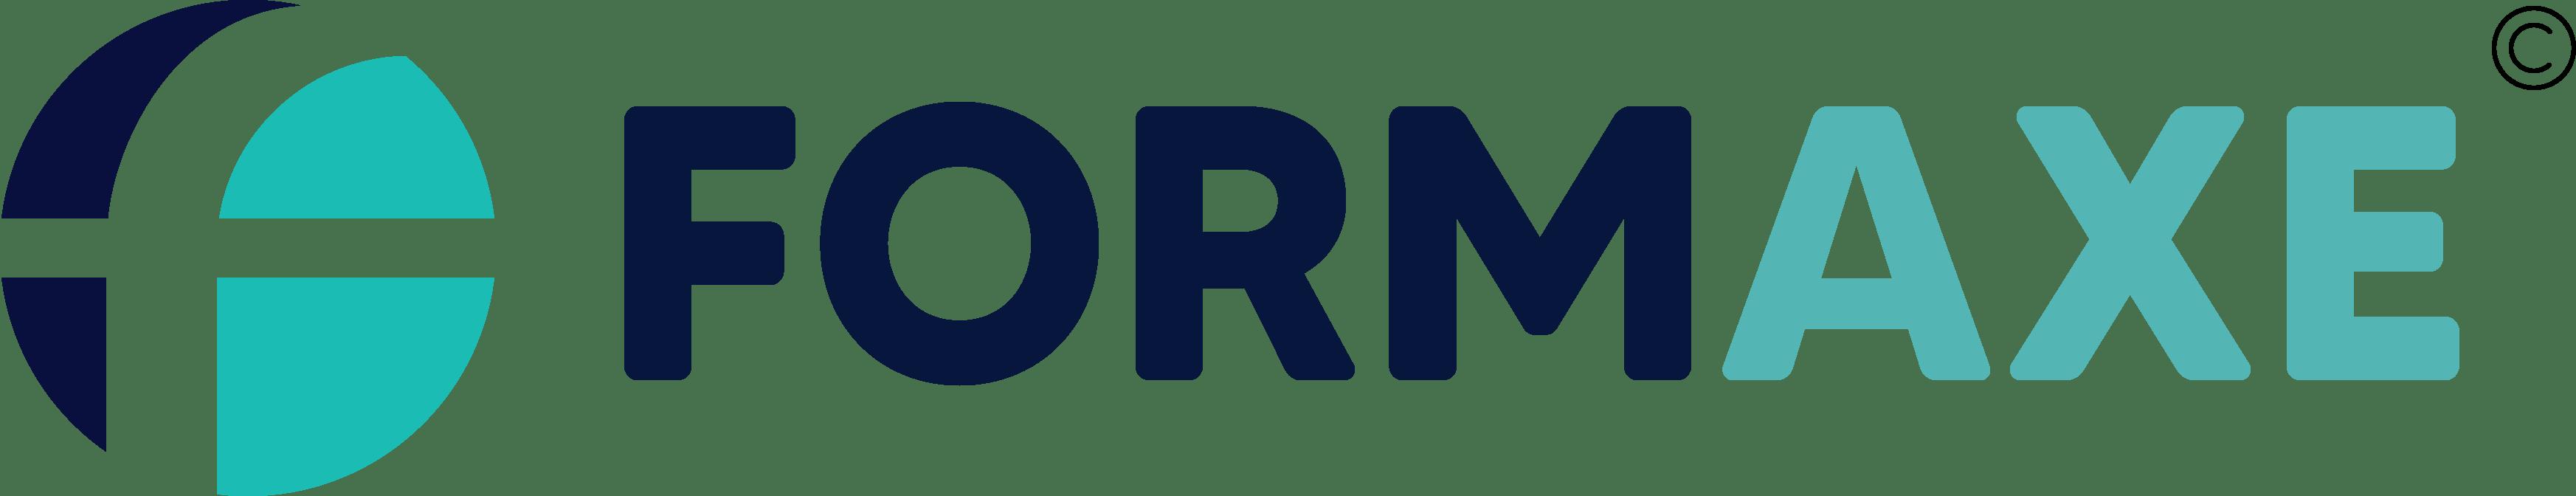 Formaxe logo